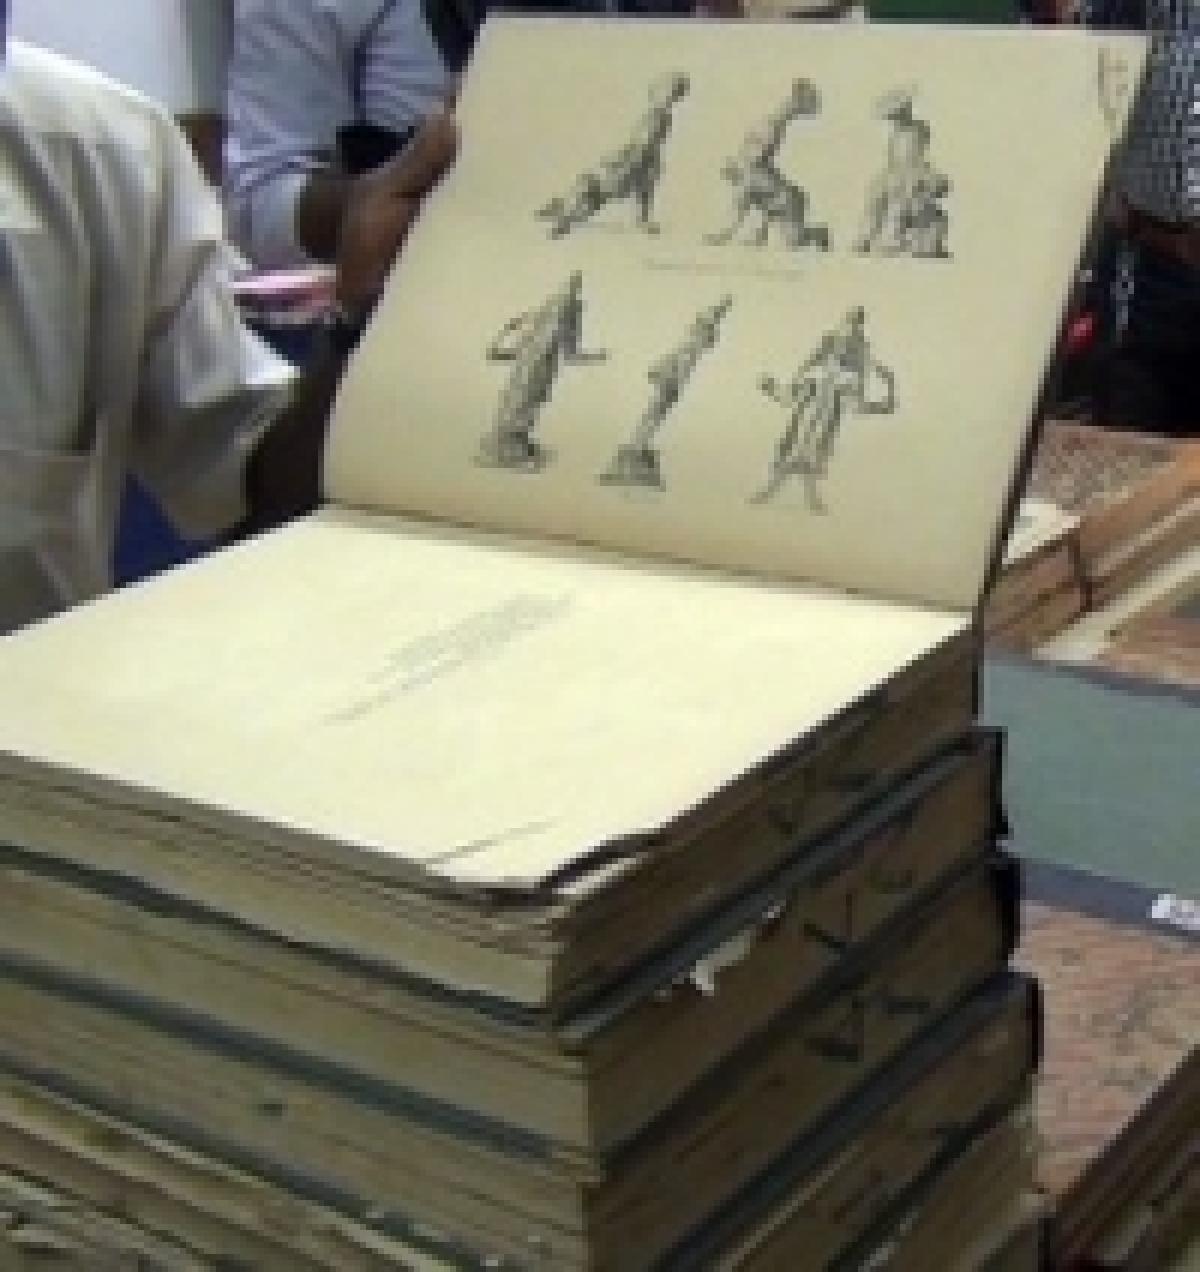 தஞ்சாவூர் கலெக்டர் அலுவலகத்தில் 150 ஆண்டு பழமையான புத்தகம், ஆவணங்கள் கண்டெடுப்பு (படங்கள்)